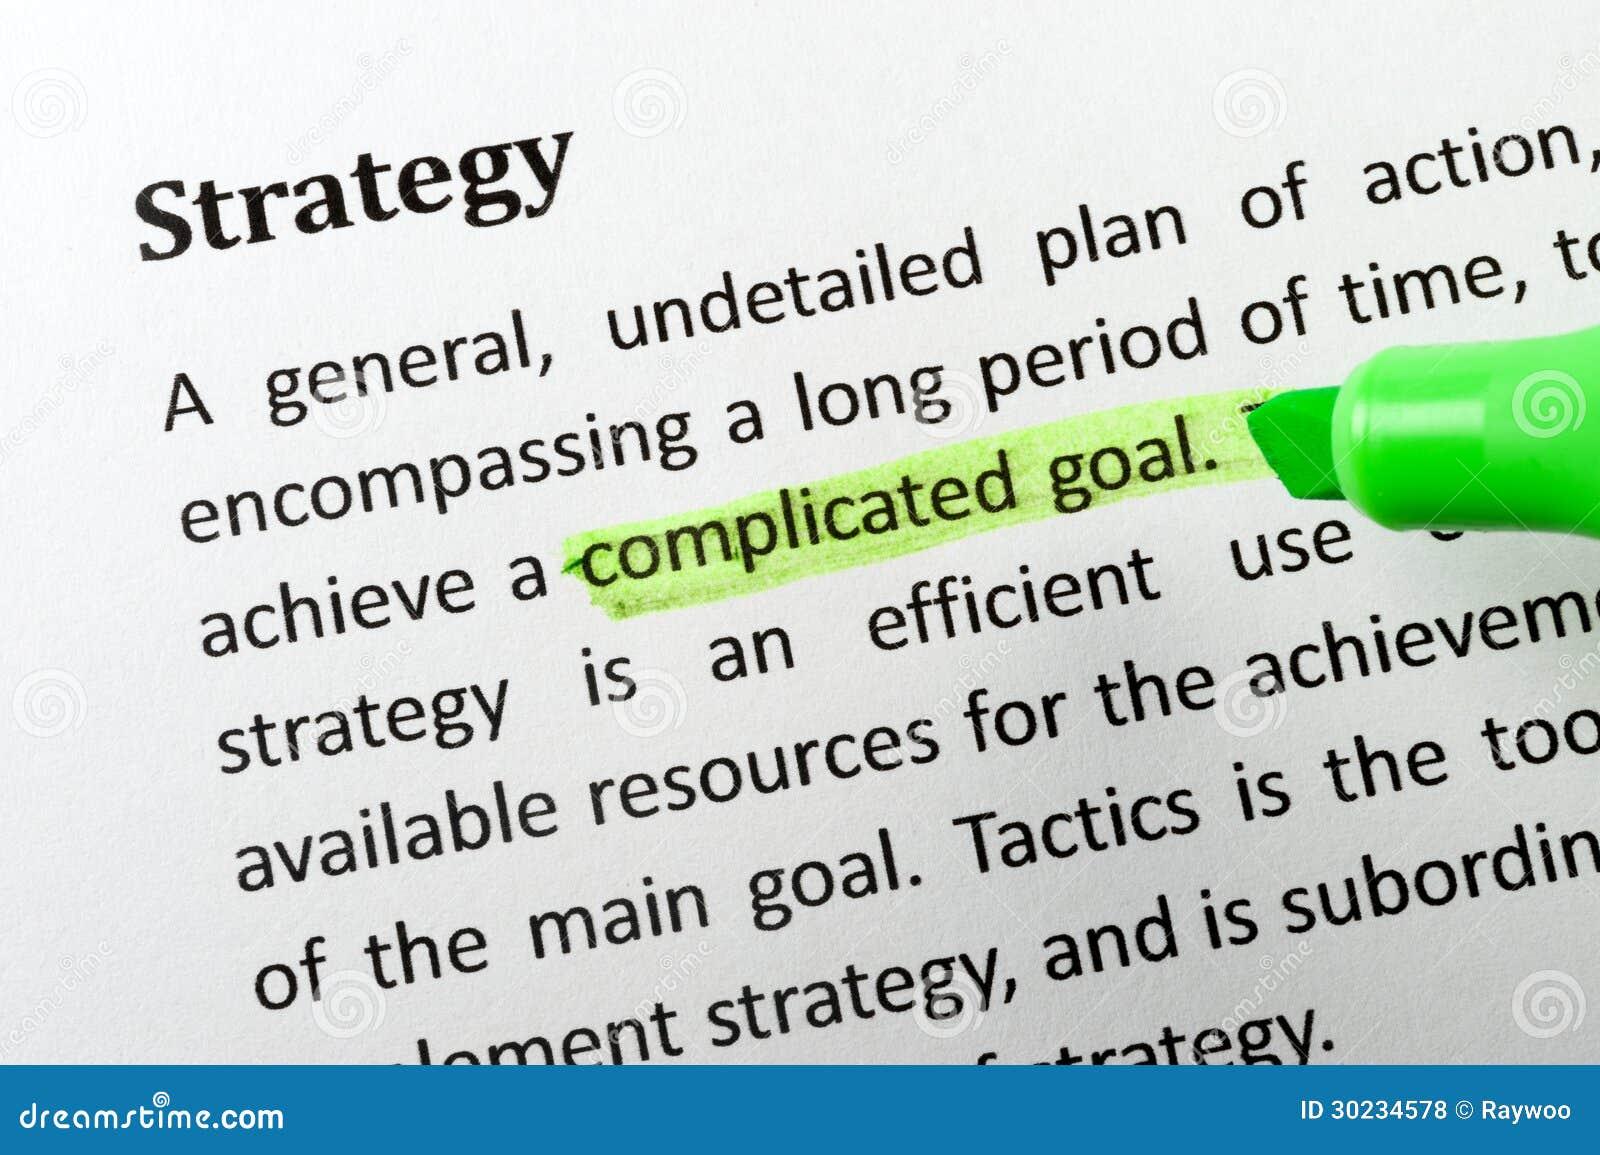 Strategic Studies Institute